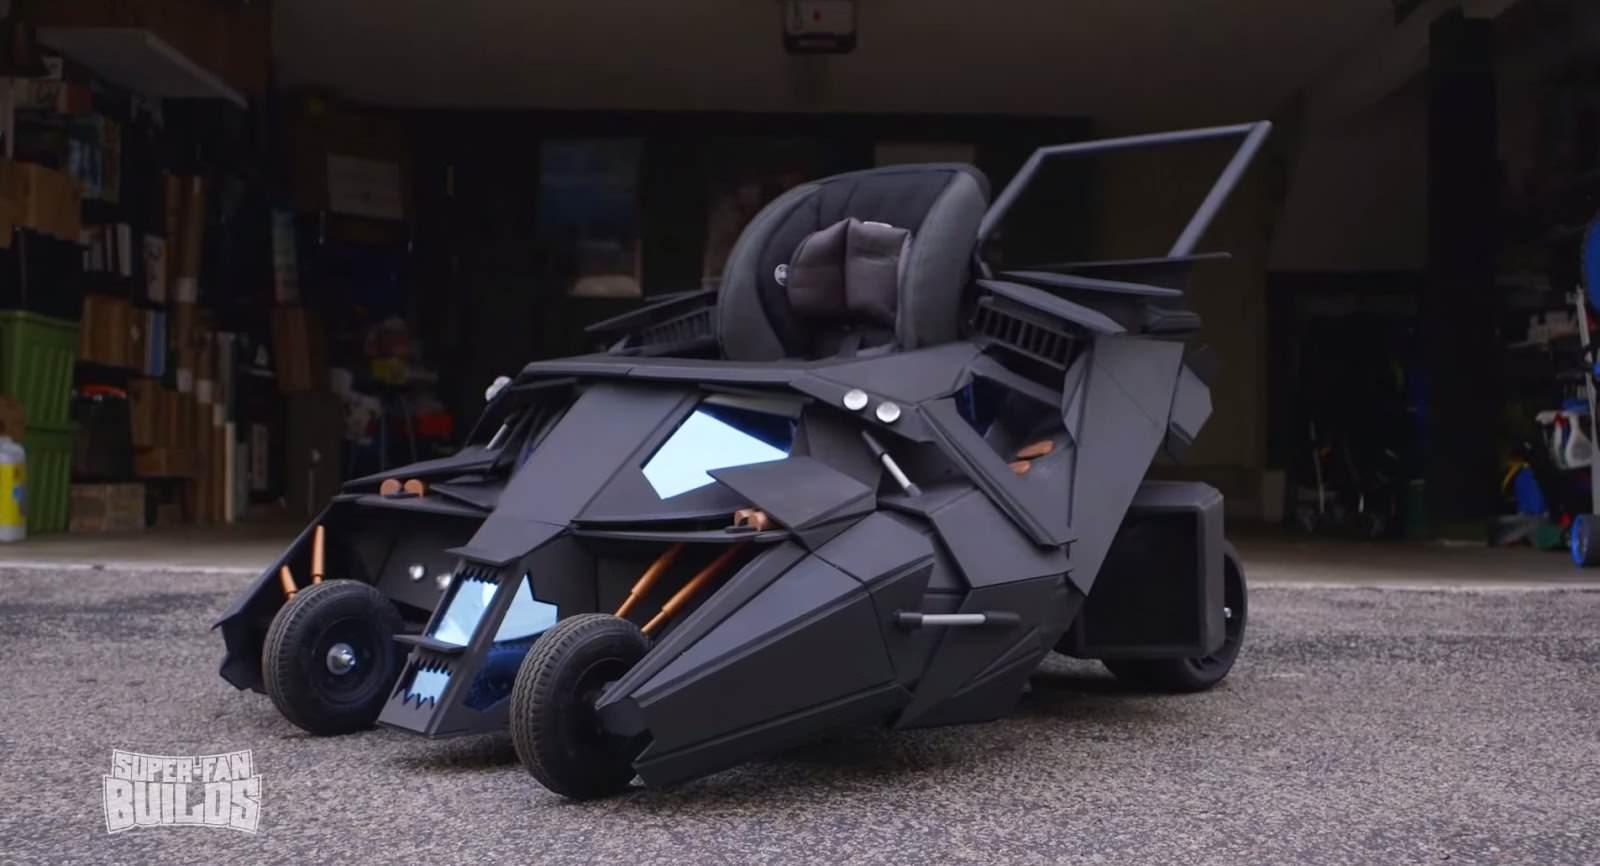 صورة سيارات باتمان , اهم واحدث السيارات المختلفة